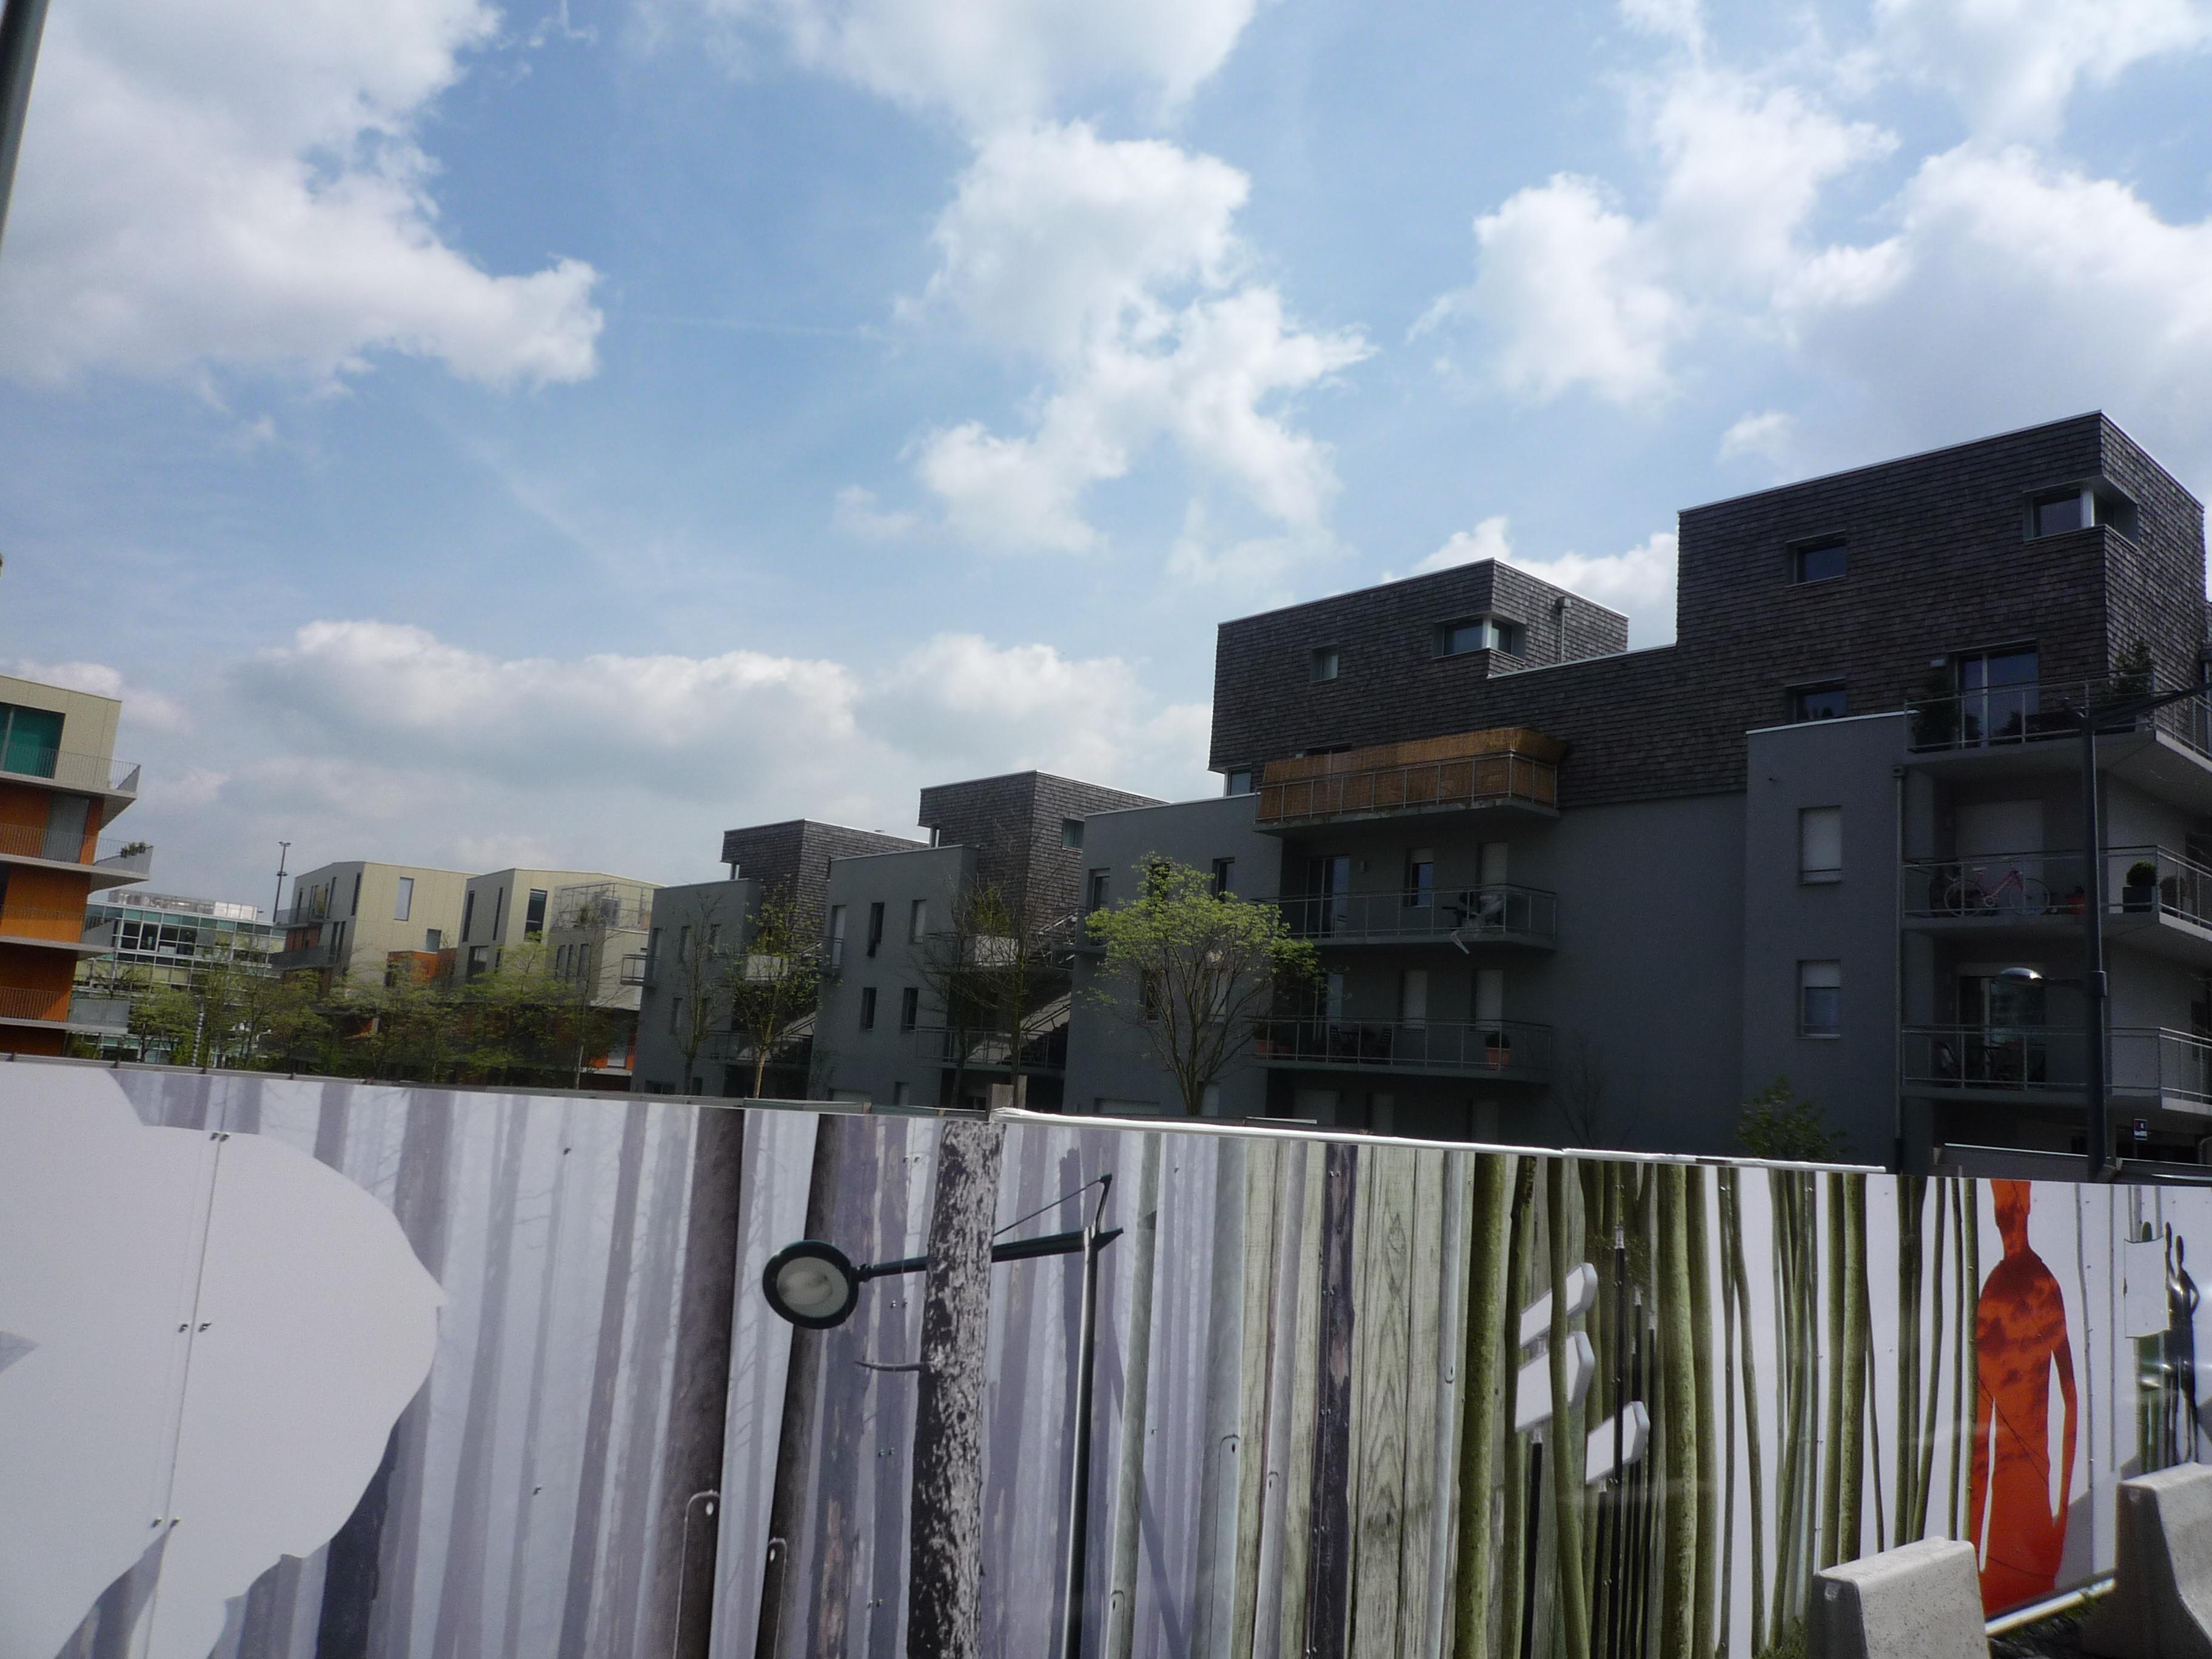 File Lille Quartier du Bois habitéà Euralille 2 (01) JPG Wikimedia Commons # Quartier Bois Blanc Lille